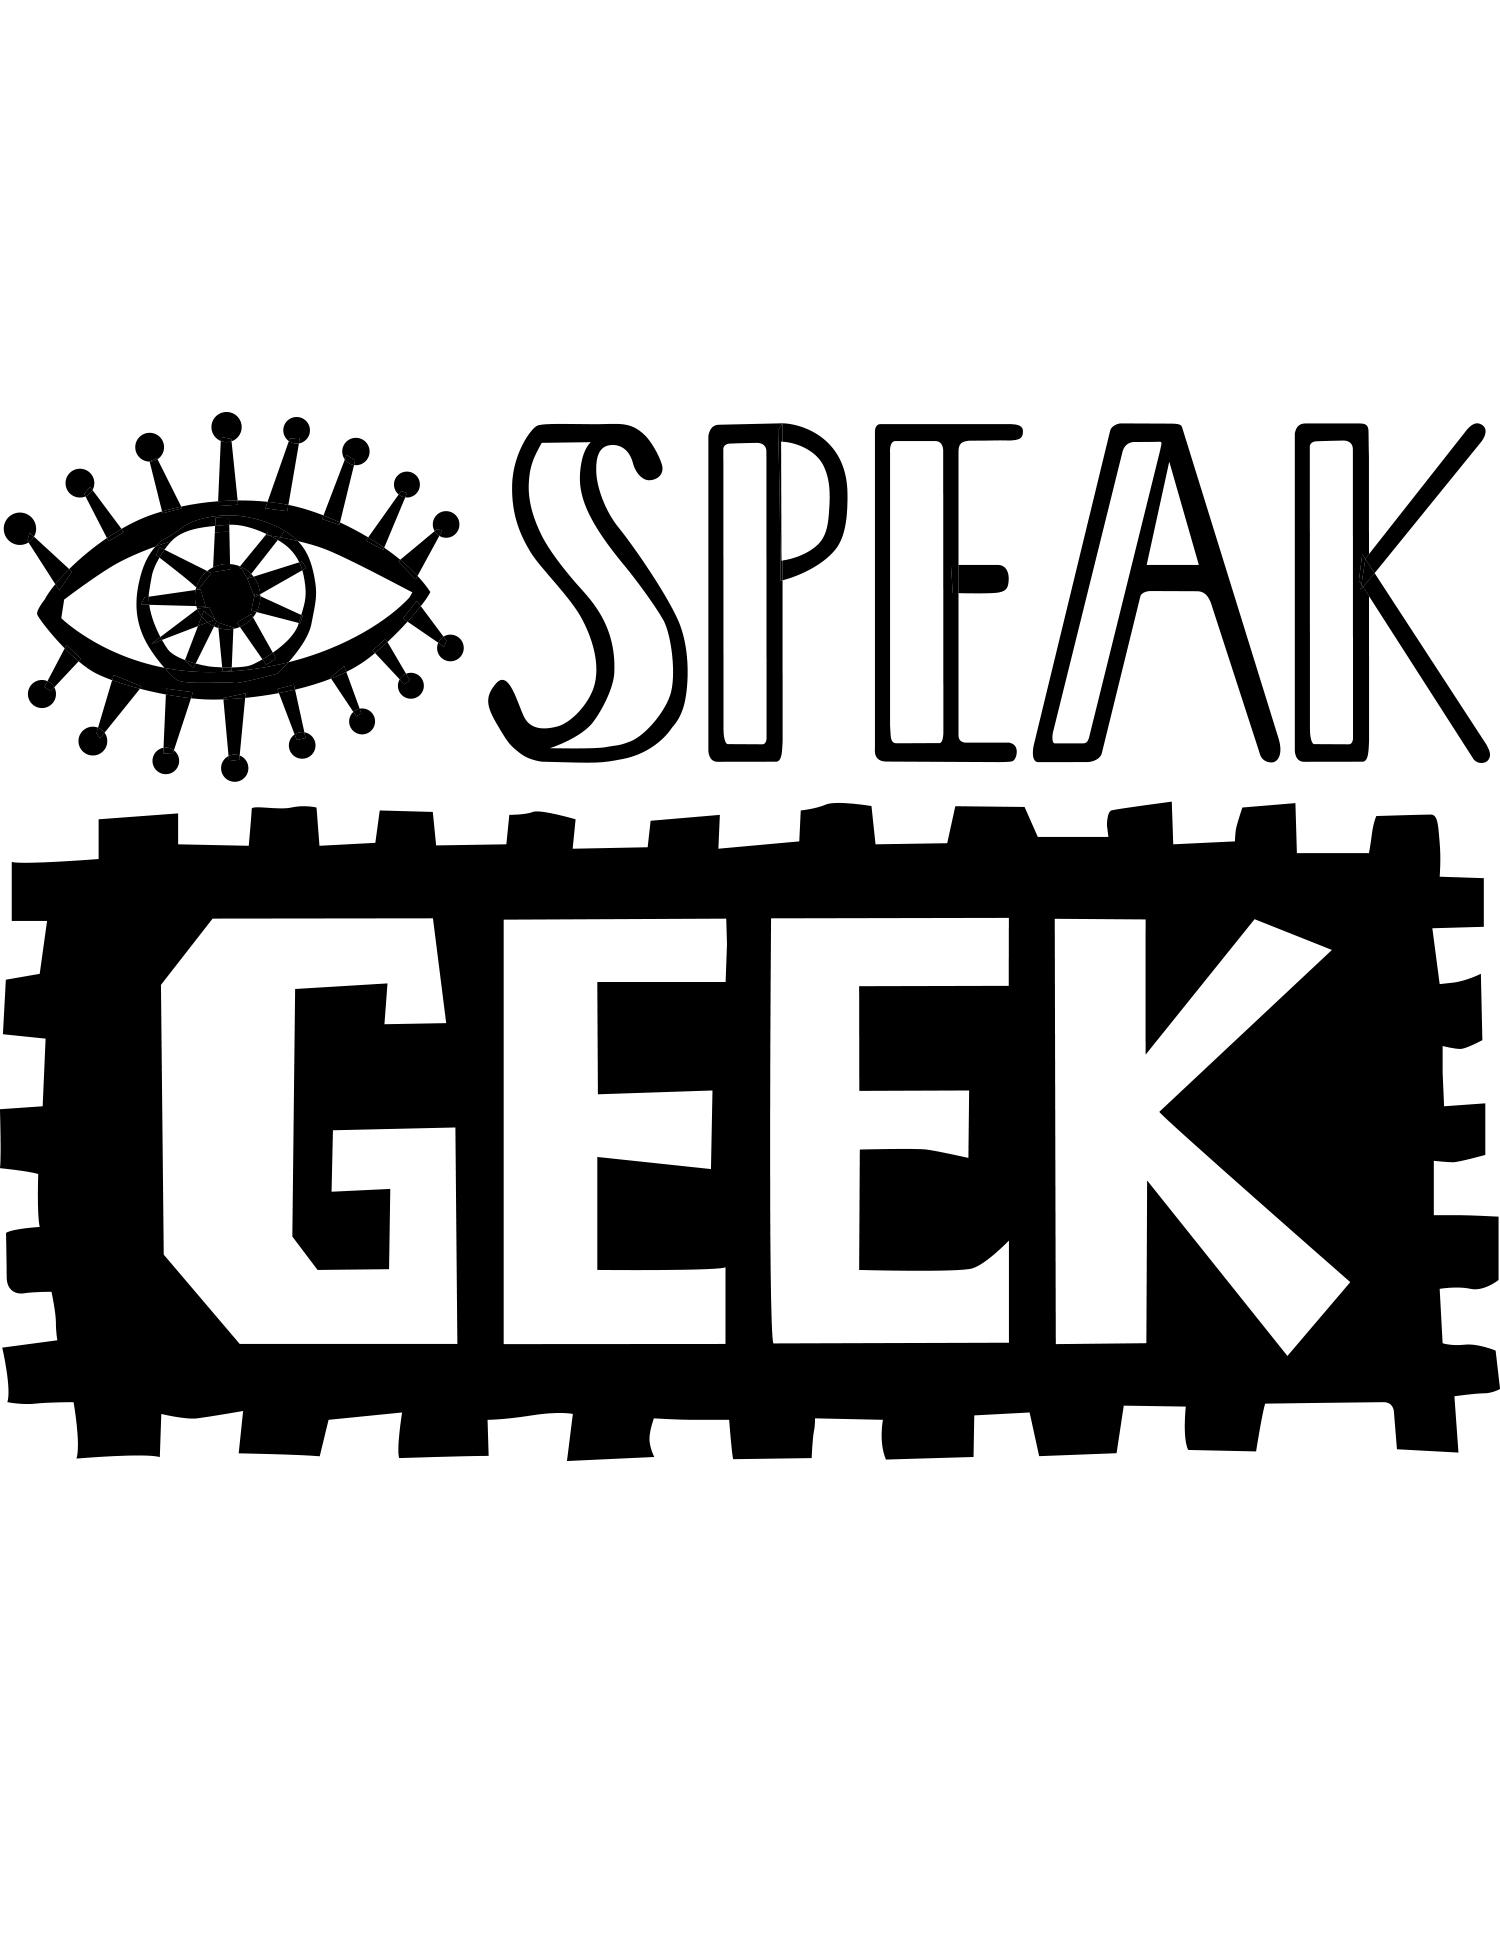 i_speak_geek_type_andi_bird.png